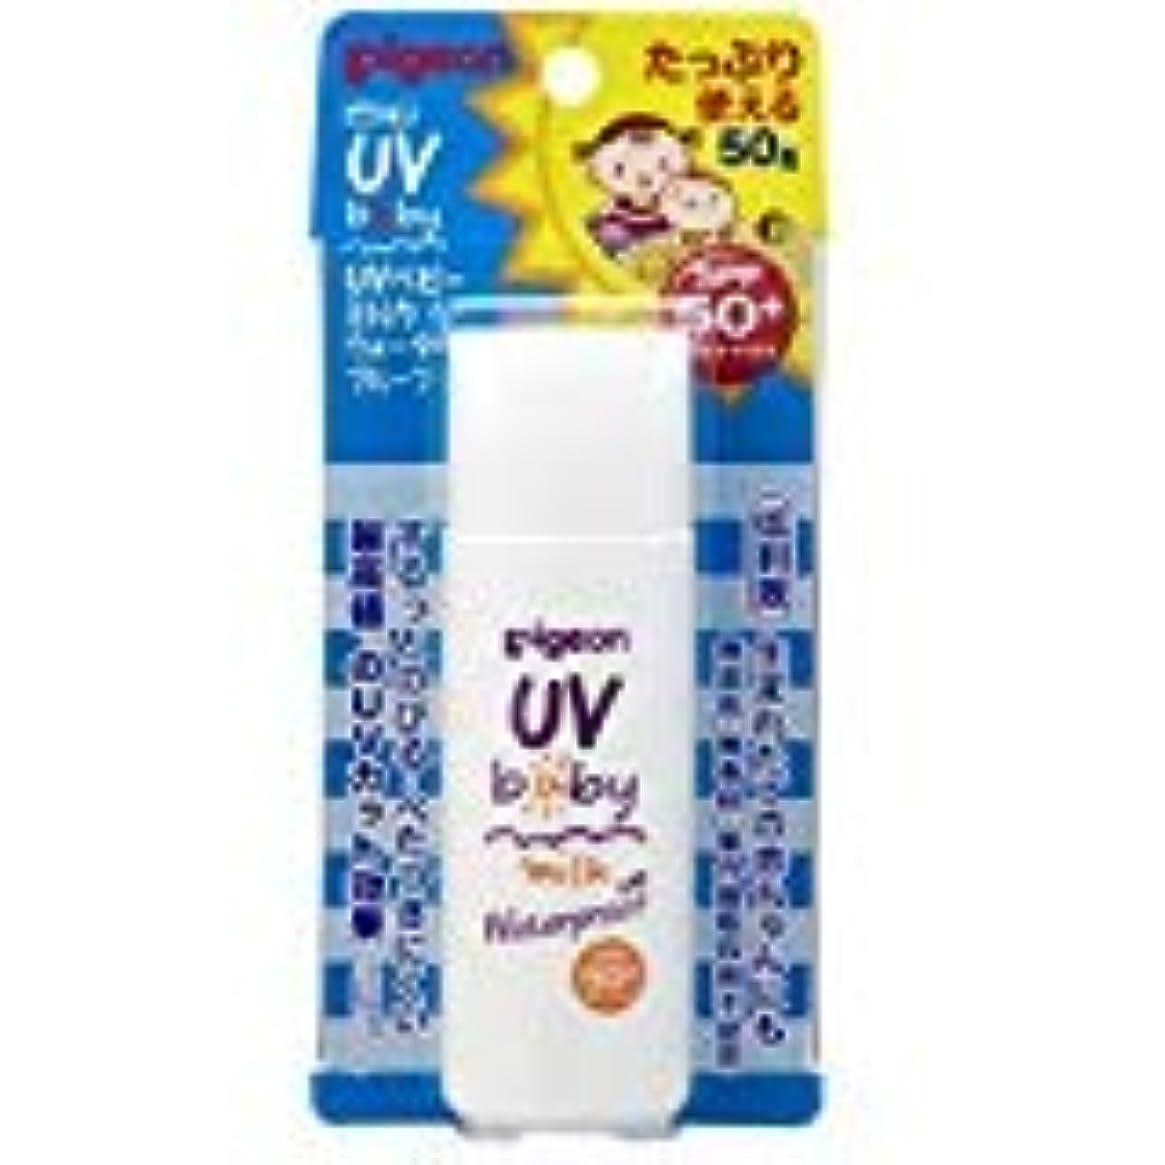 ドラマガロン警戒ピジョン UVベビーミルク ウォータープルーフ SPF50+ 50g